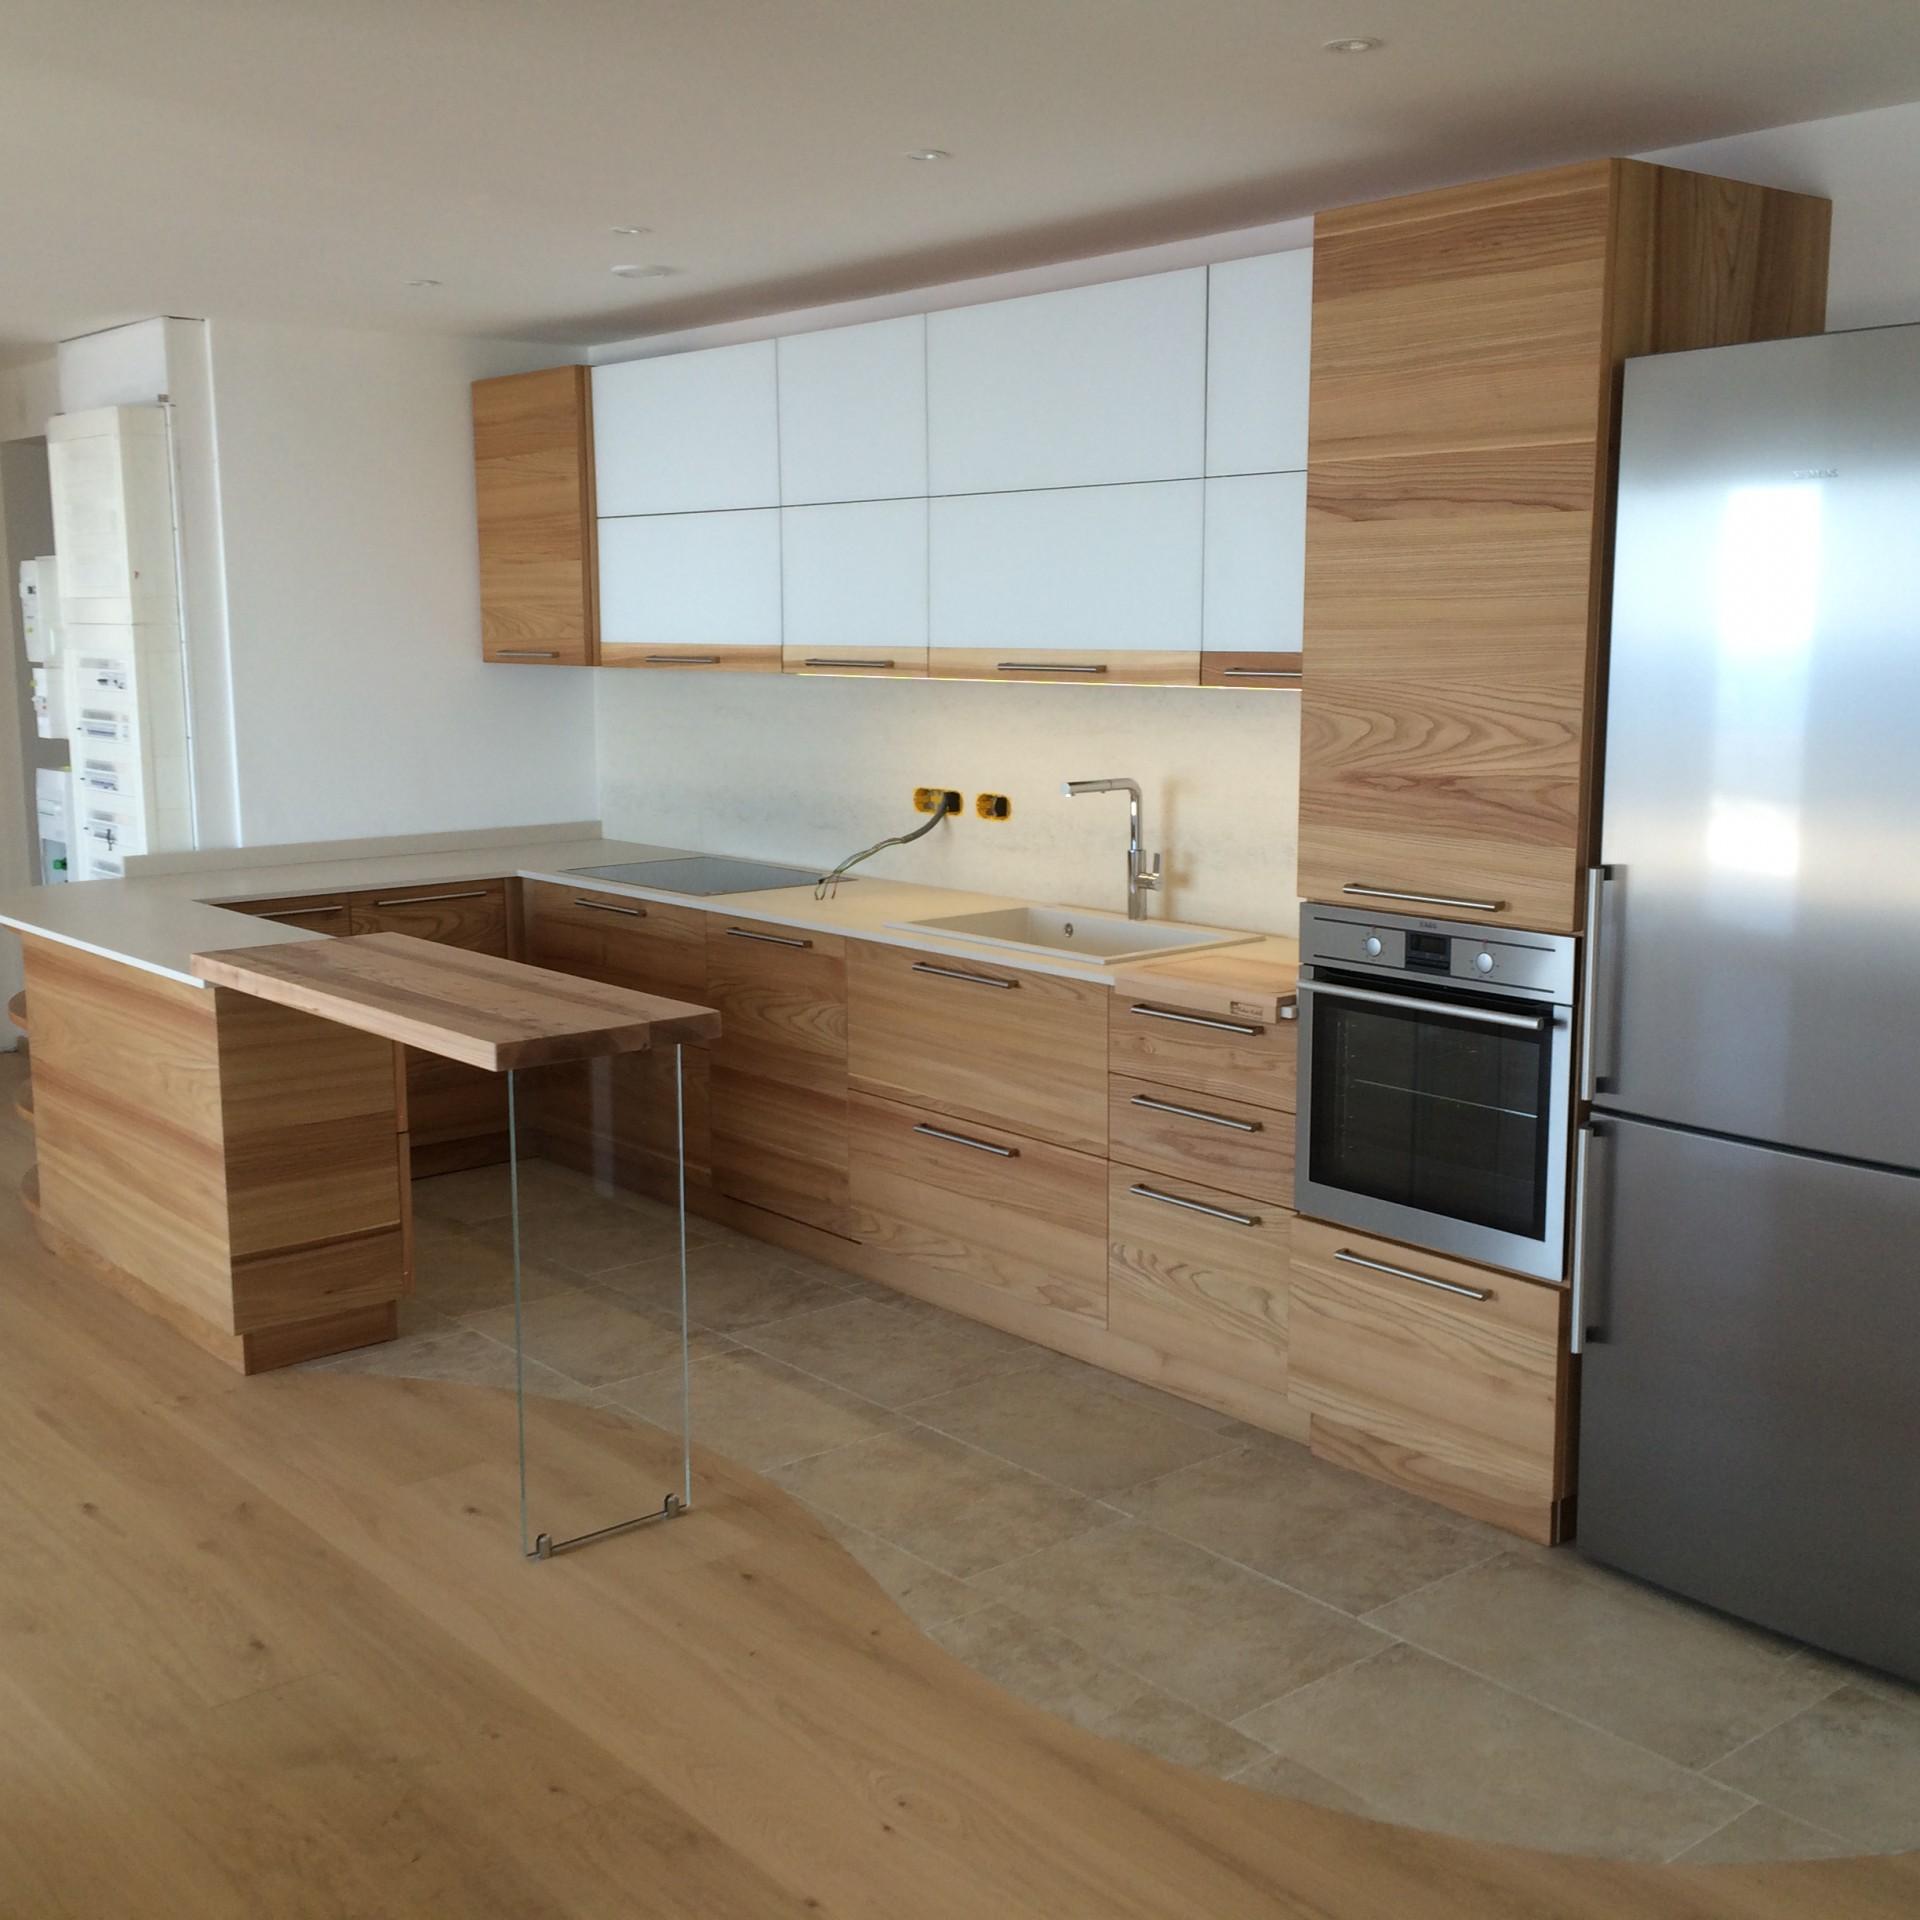 Cucina moderna a modena fadini mobili cerea verona - Cucine moderne in legno naturale ...